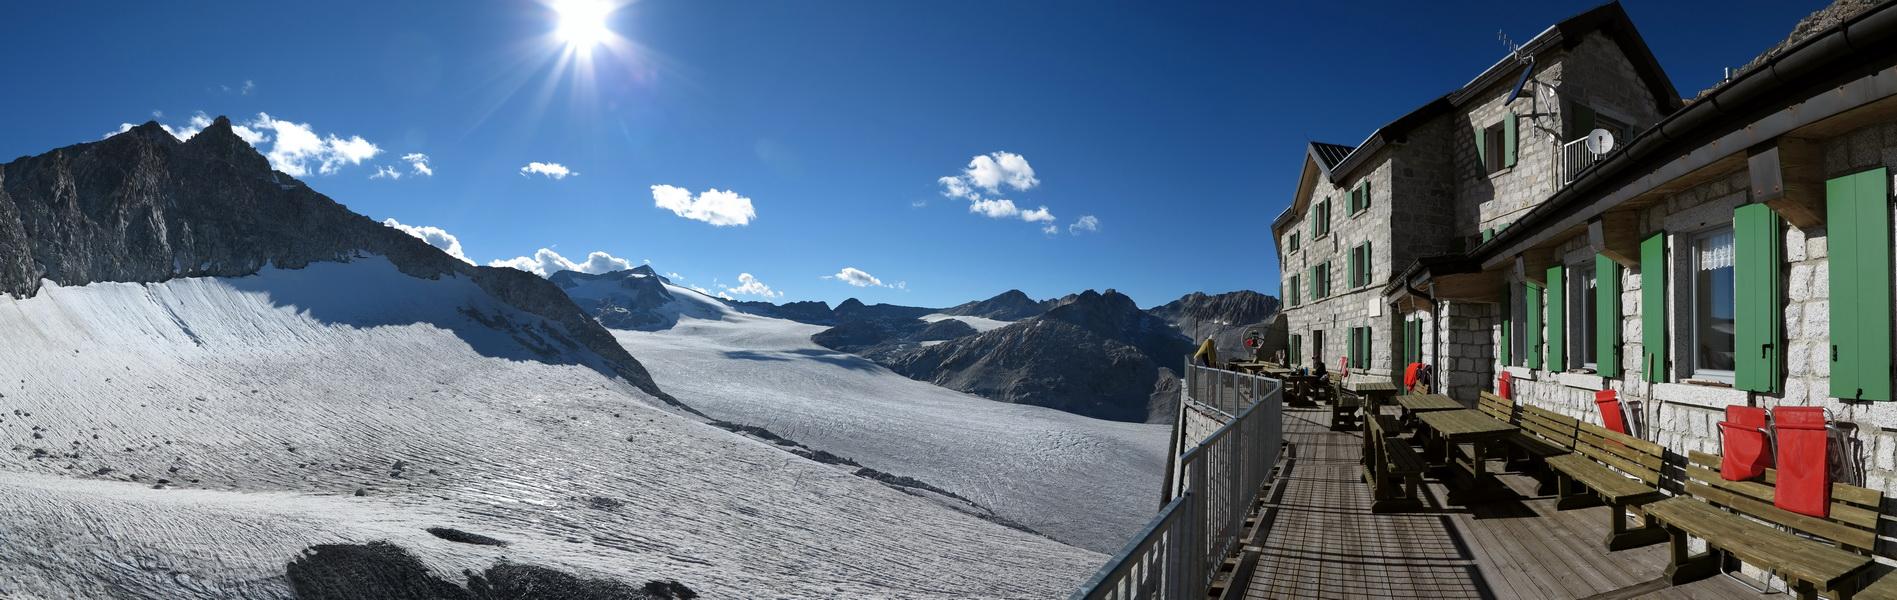 Blick von der Terasse der Lobbia Alta Hütte